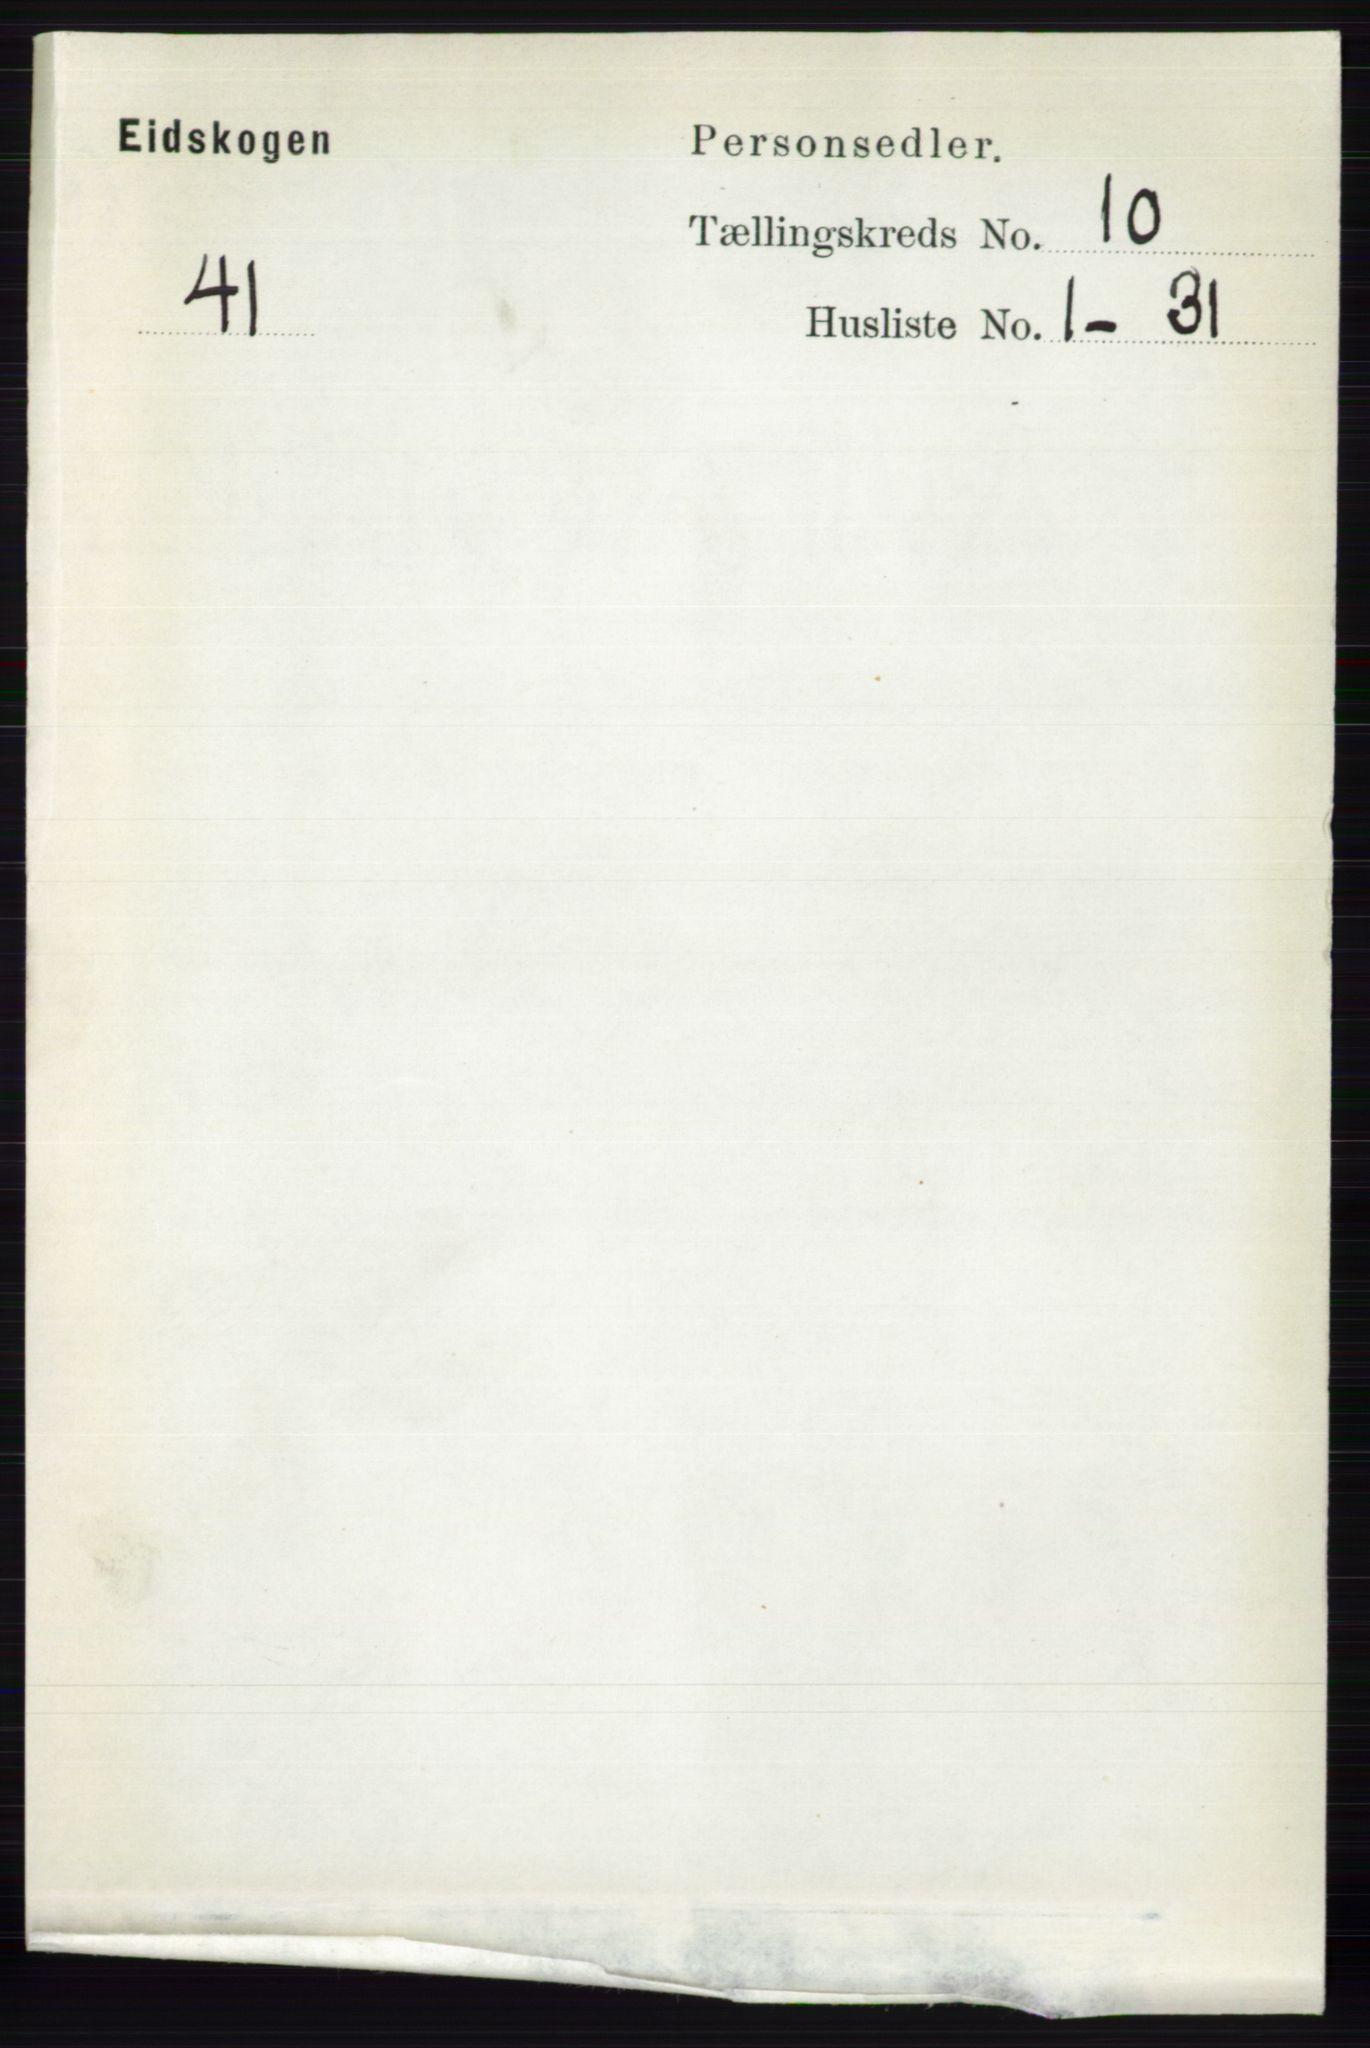 RA, Folketelling 1891 for 0420 Eidskog herred, 1891, s. 6123